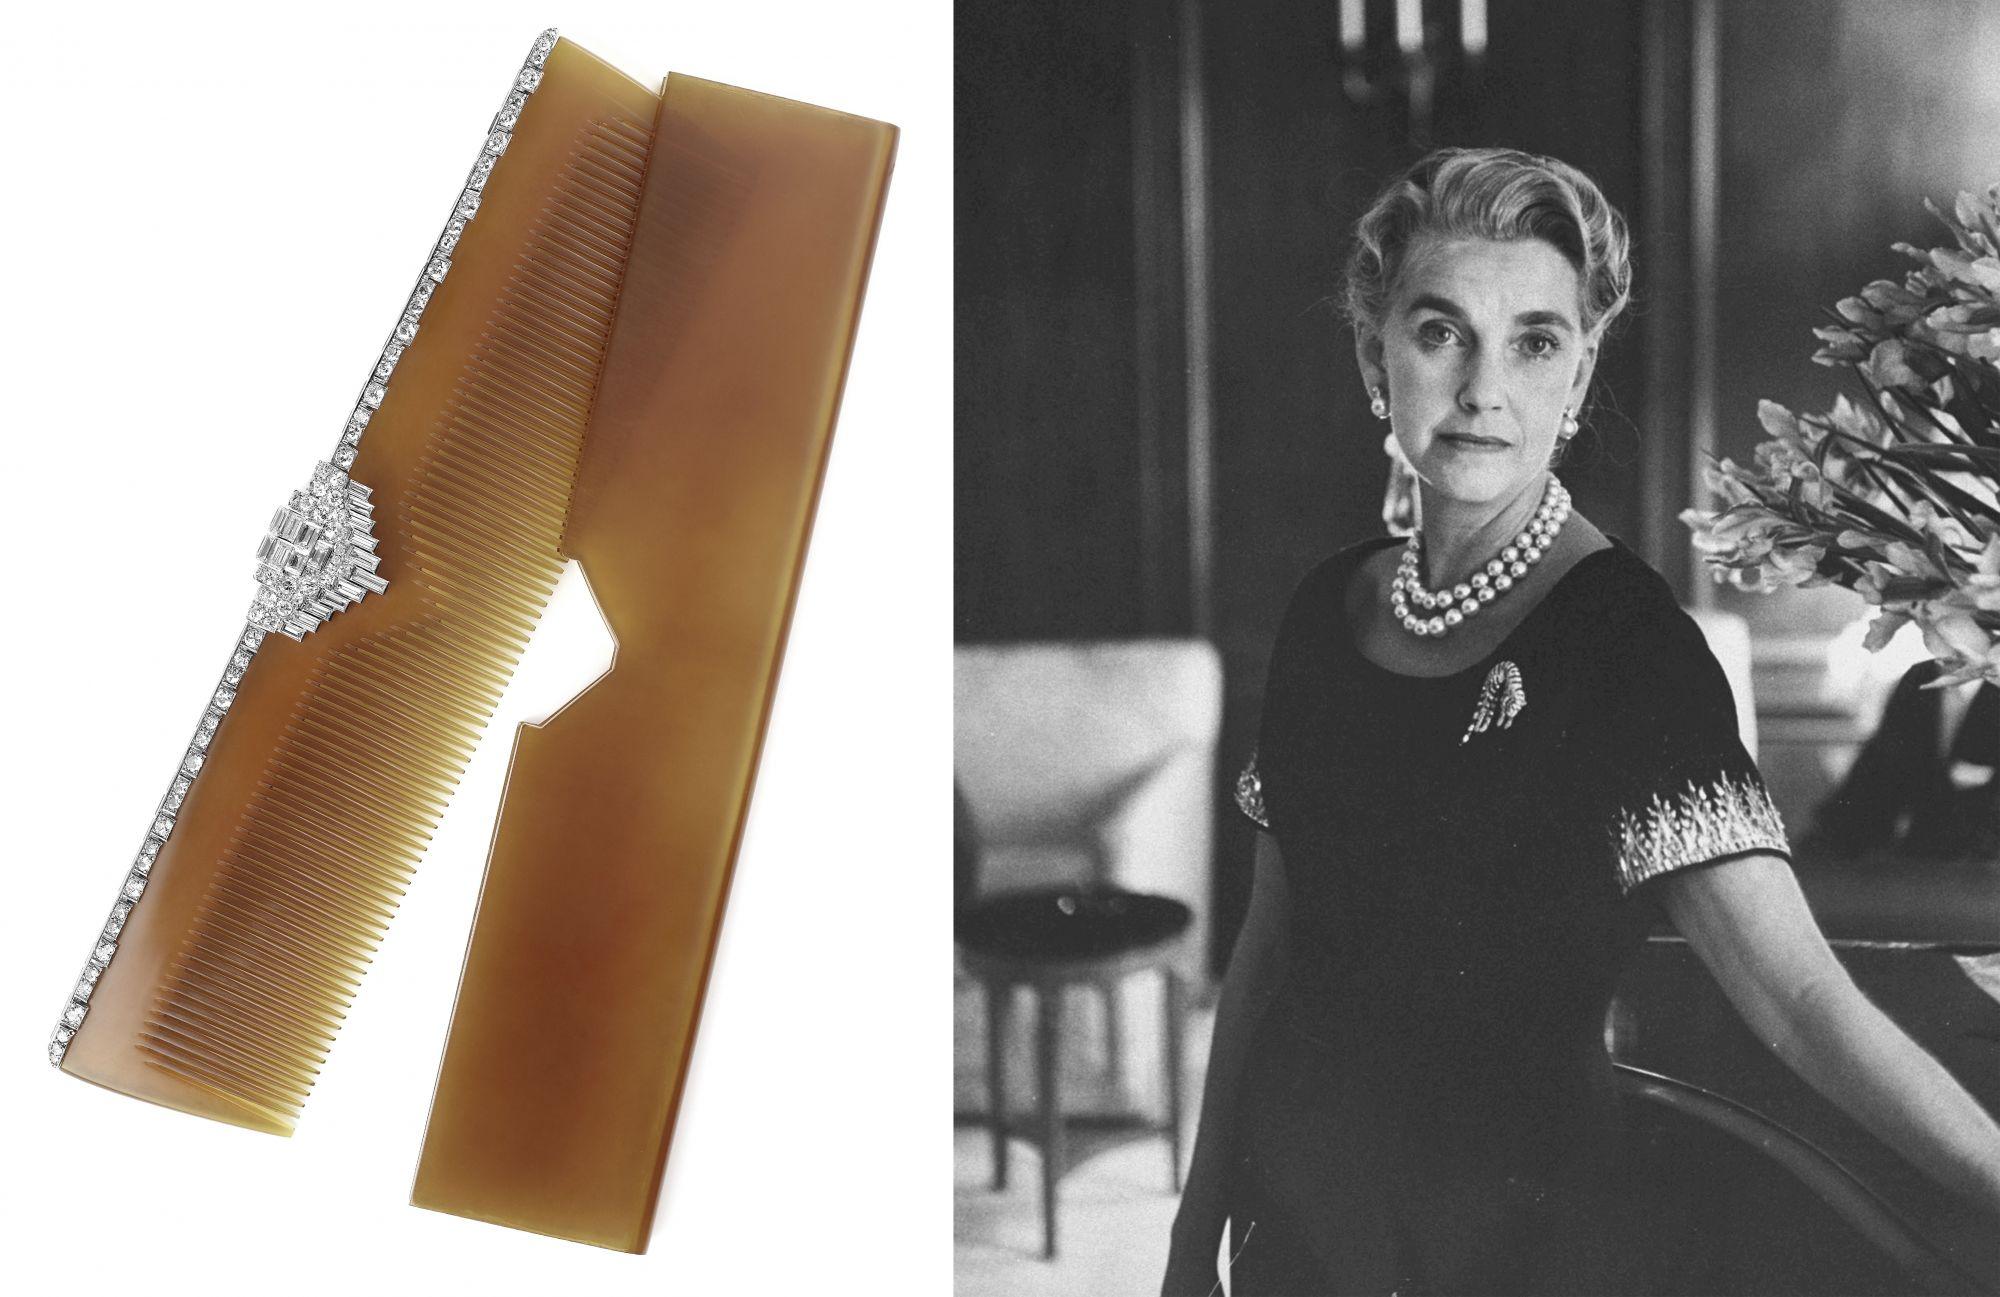 美國傳奇名媛Barbara Hutton擁有數不盡的珠寶珍品,此為她曾擁有的玳瑁鑲鑽髮梳 by Cartier。